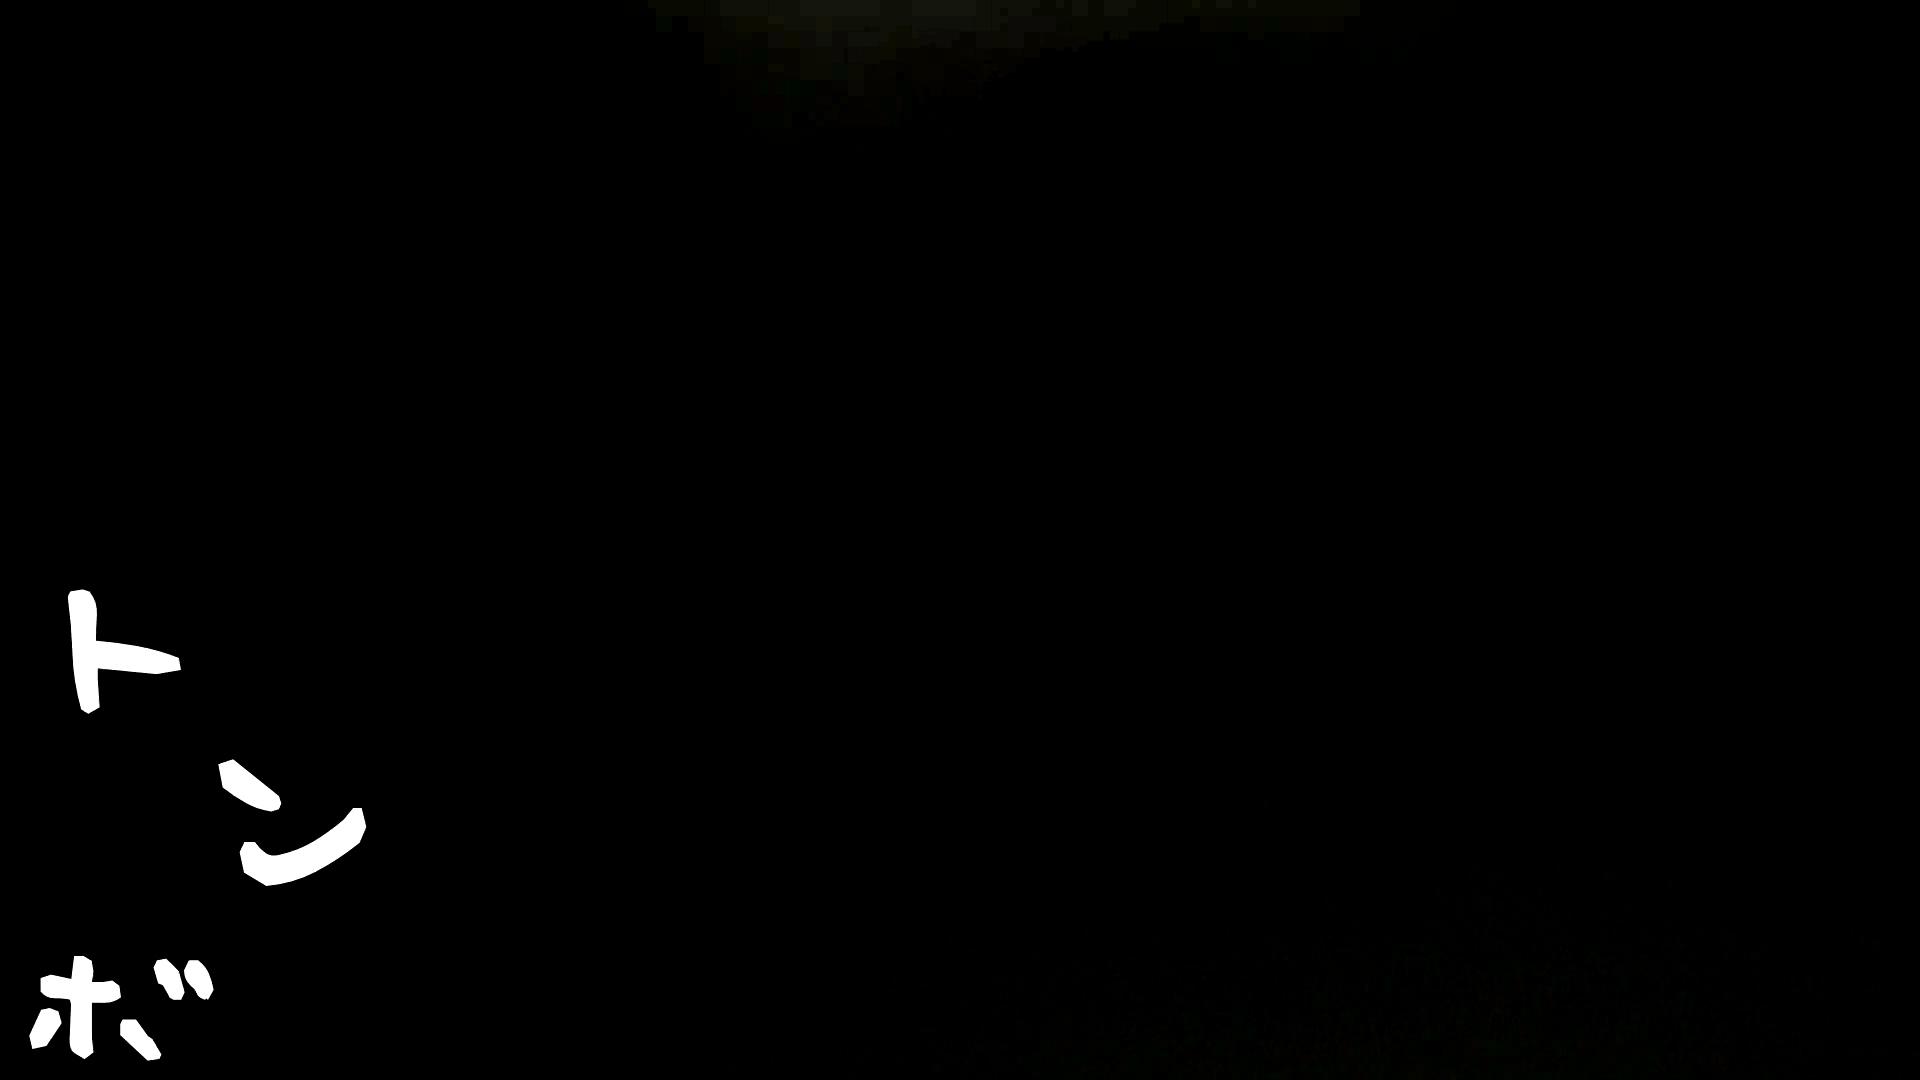 リアル盗撮 清楚なお女市さんのマル秘私生活① エロい美女 おめこ無修正画像 46枚